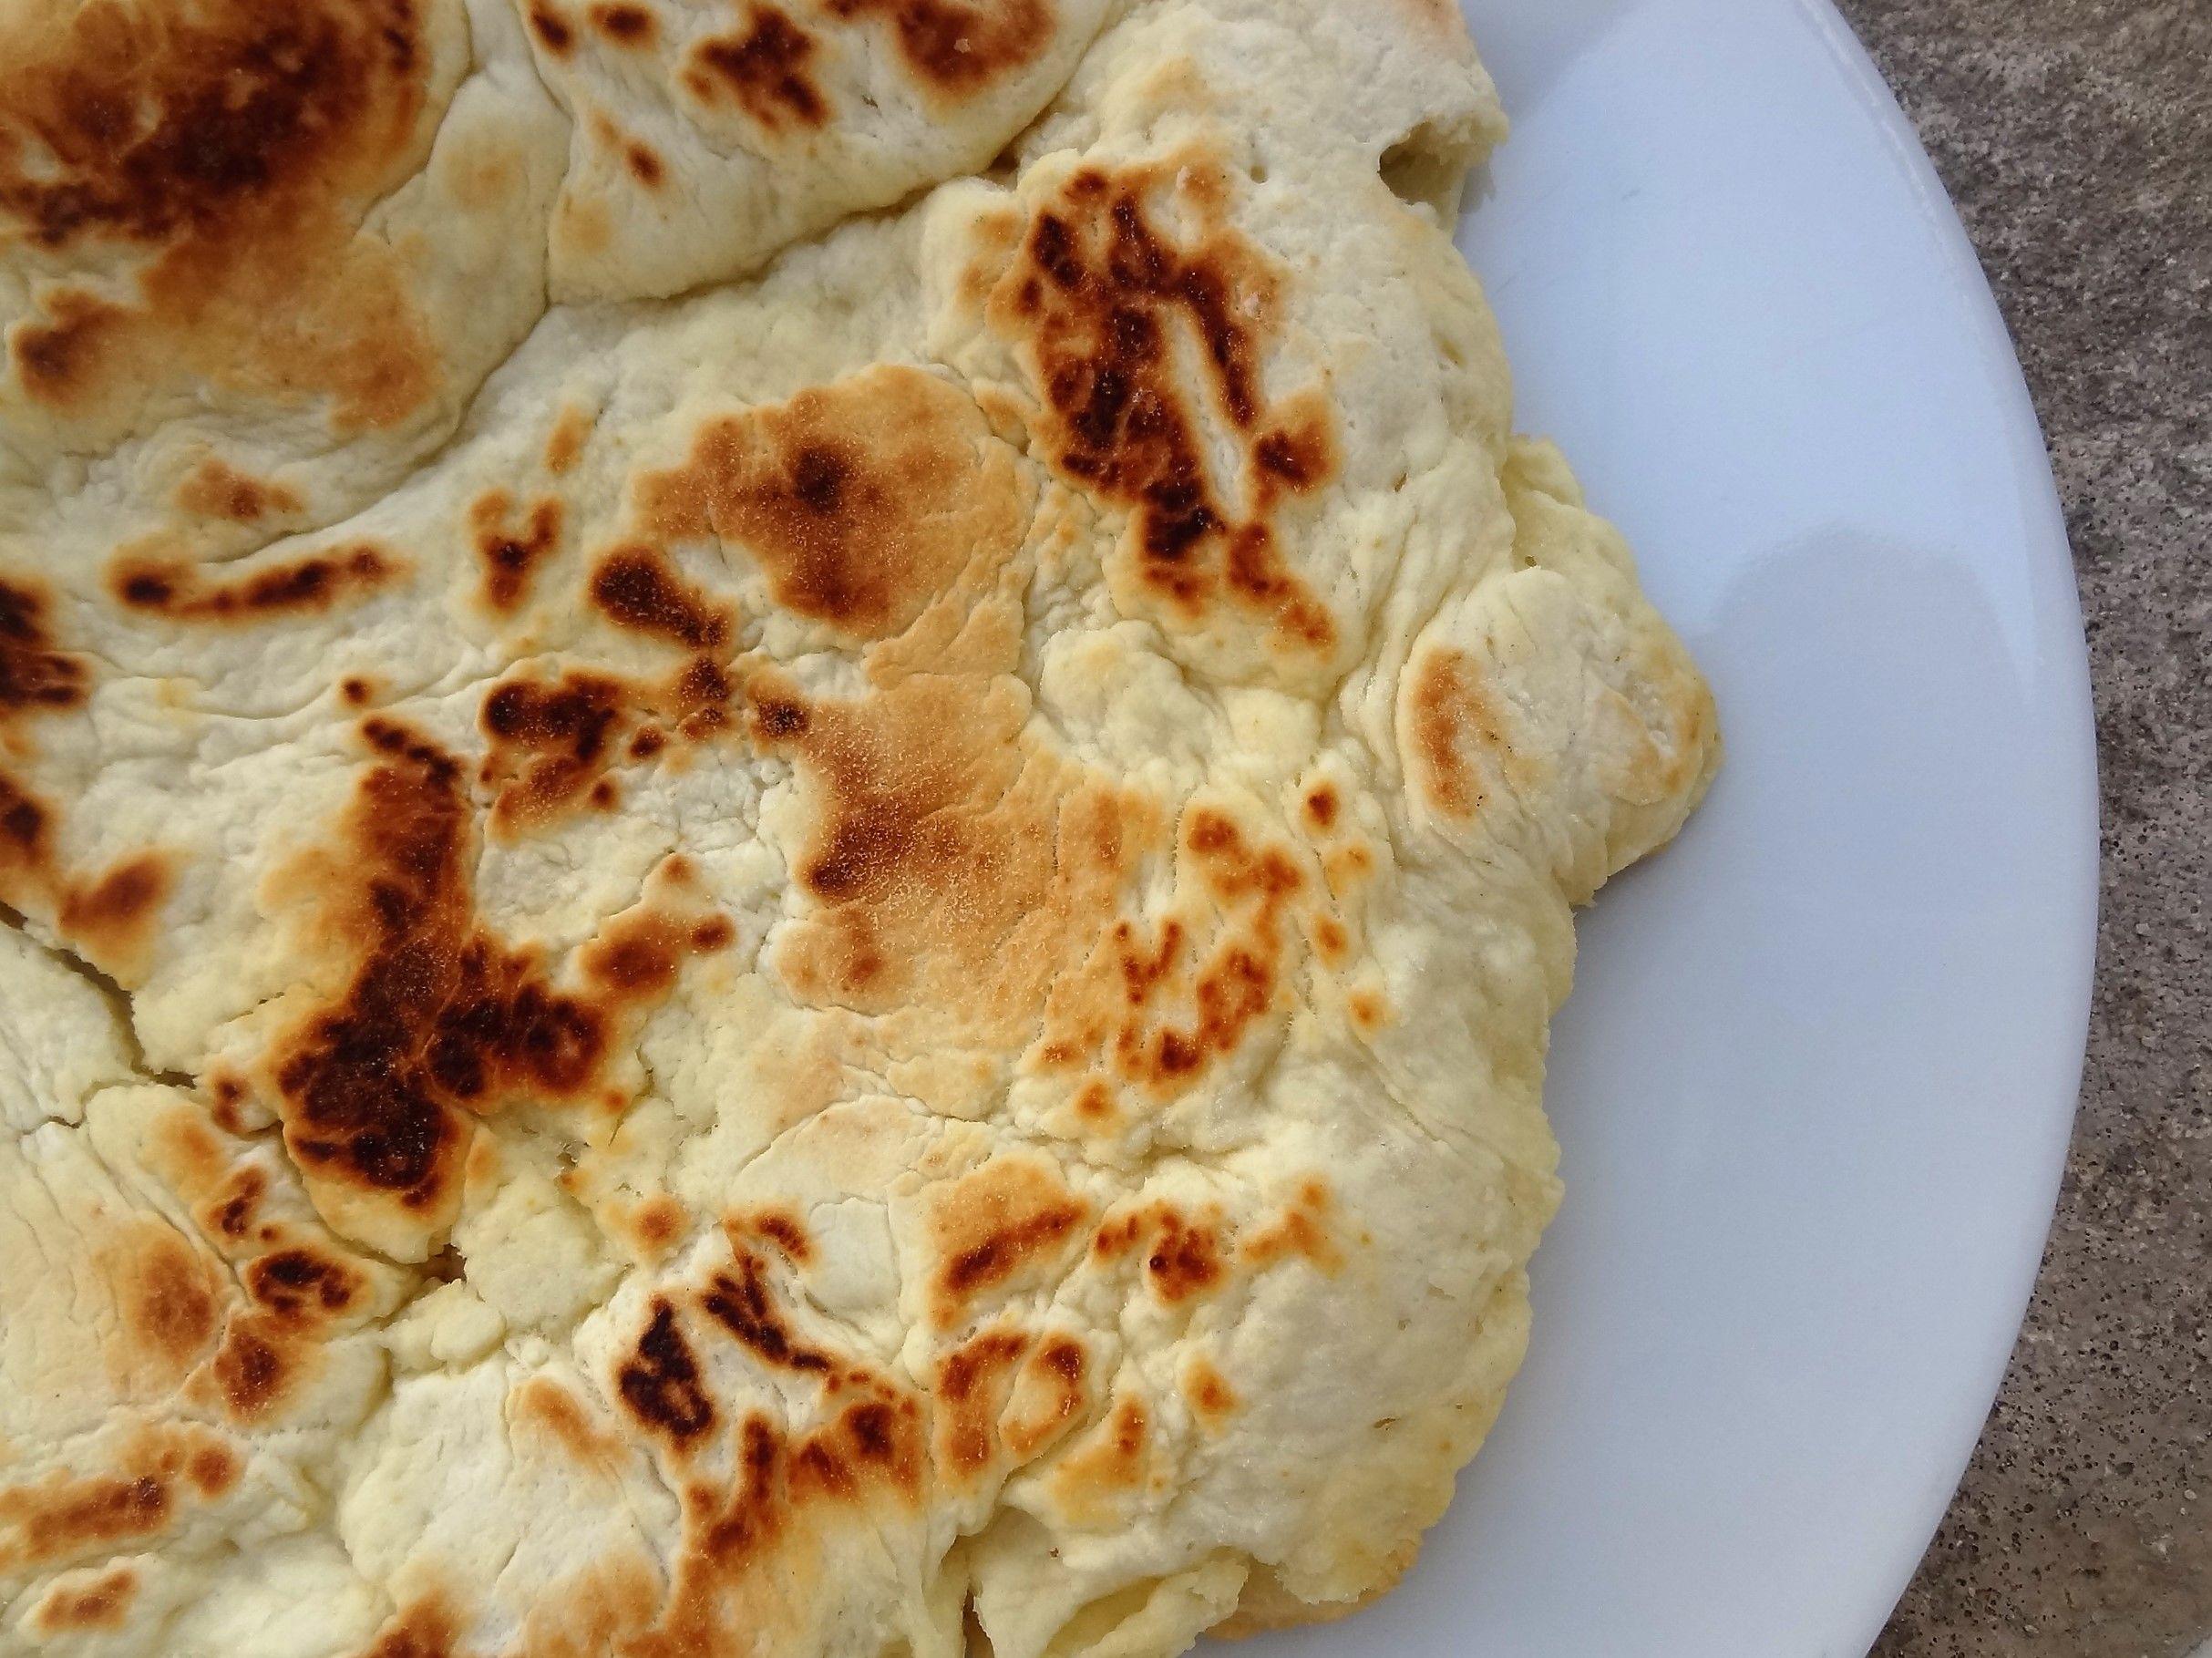 Ici la recette ultra simple d'un pain frit réalisé par les Indiens d'Amérique du nord : le pain banique. Un petit régal à déguster chaud en accompagnement.